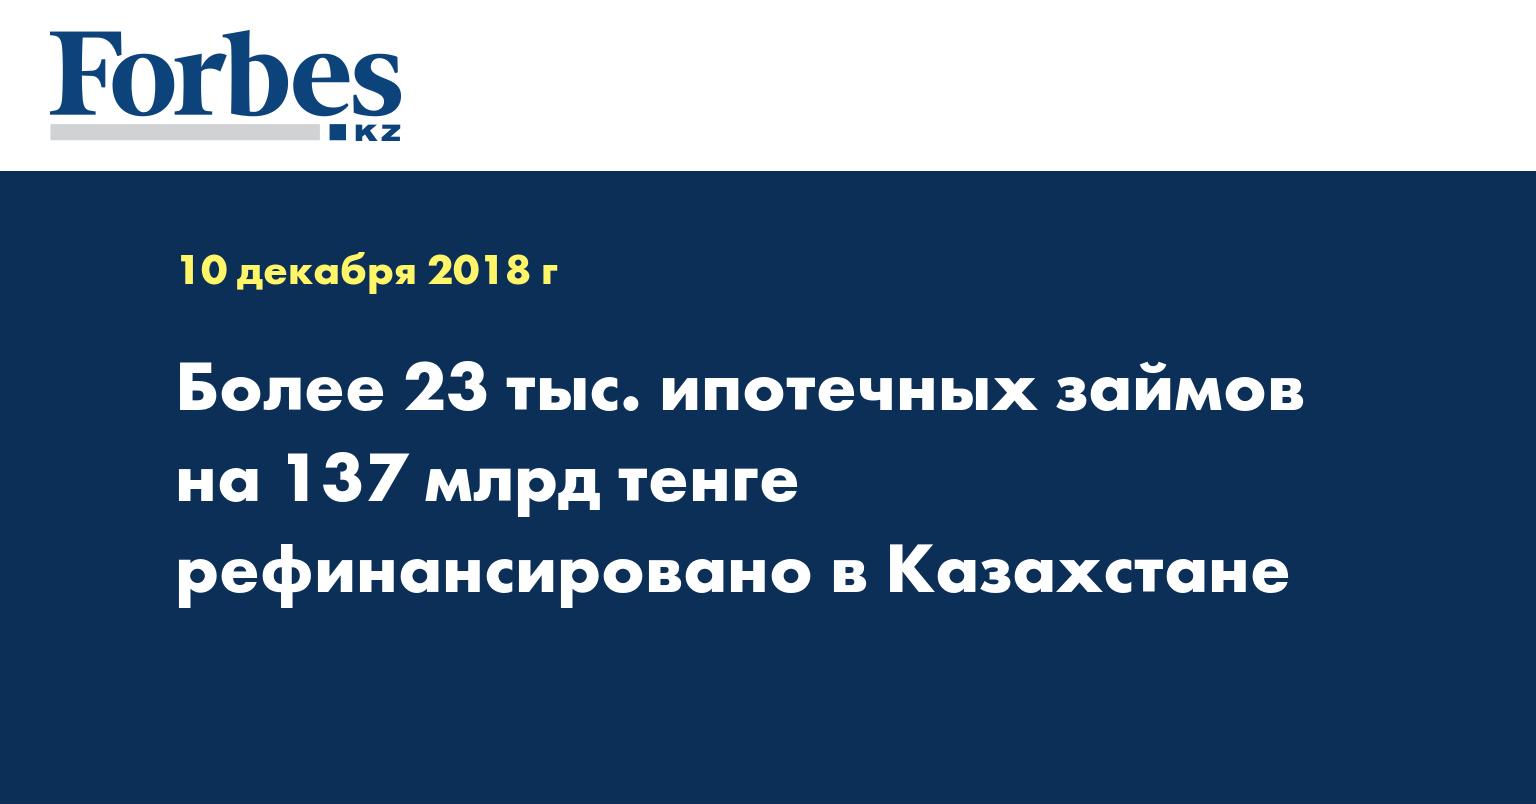 Более 23 тыс. ипотечных займов на 137 млрд тенге рефинансировано в Казахстане